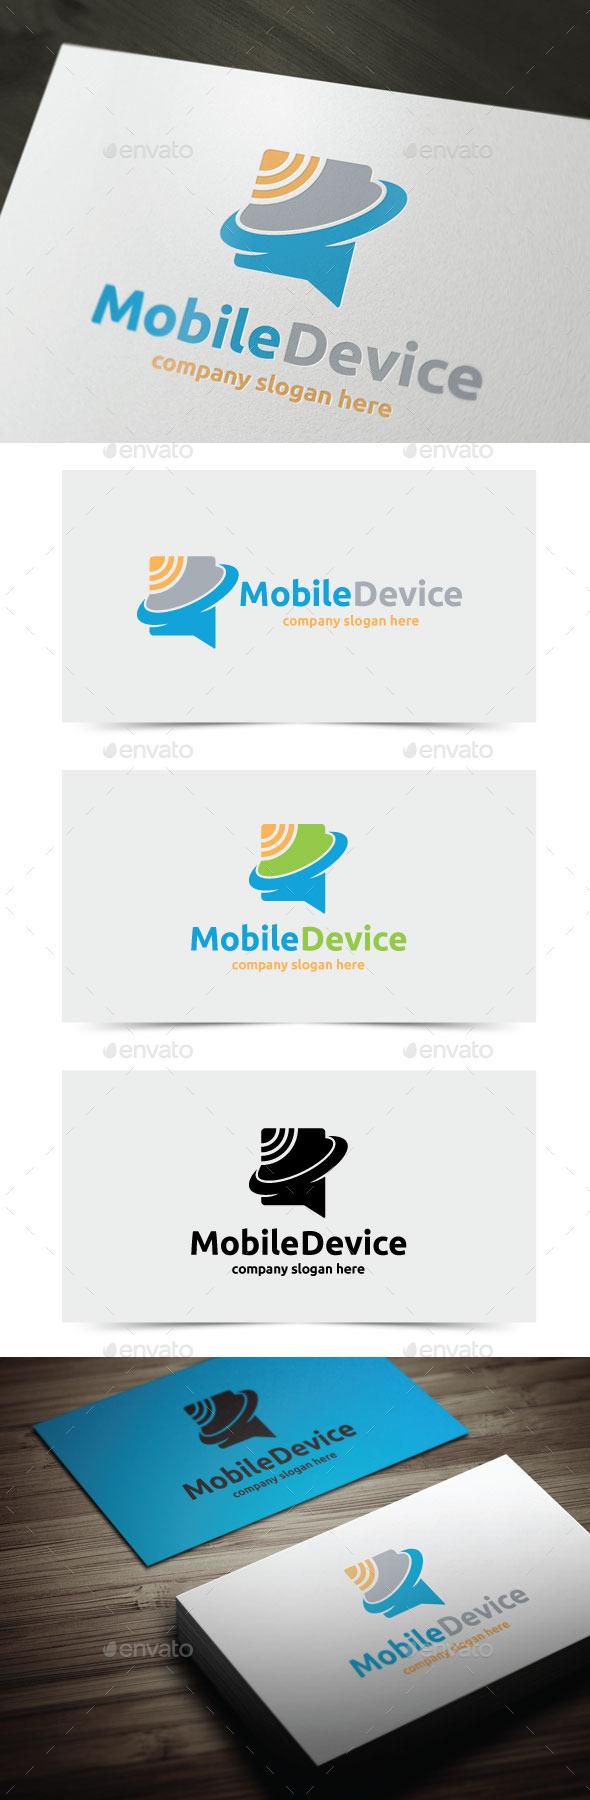 GraphicRiver Mobile Device 10759186